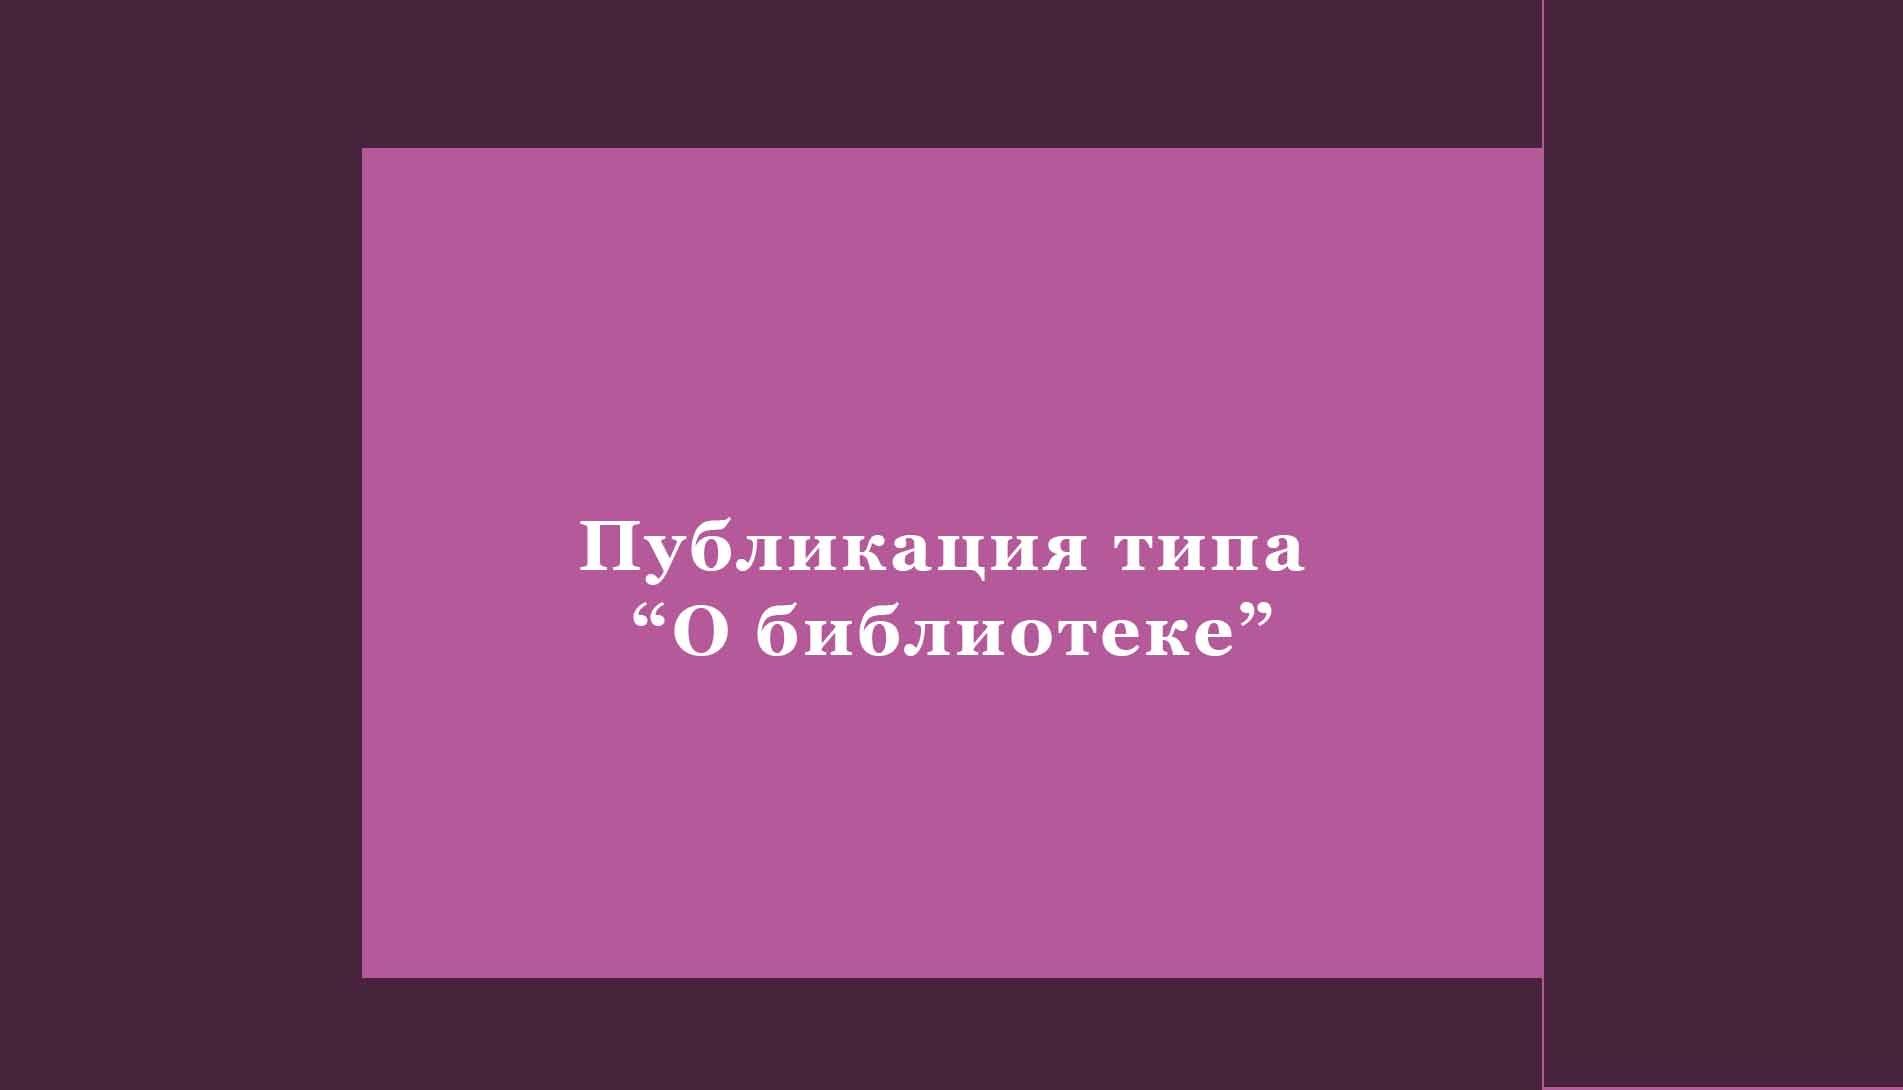 1_o_bibliotke_glavnaya_fotografiya_publikacii_.jpg